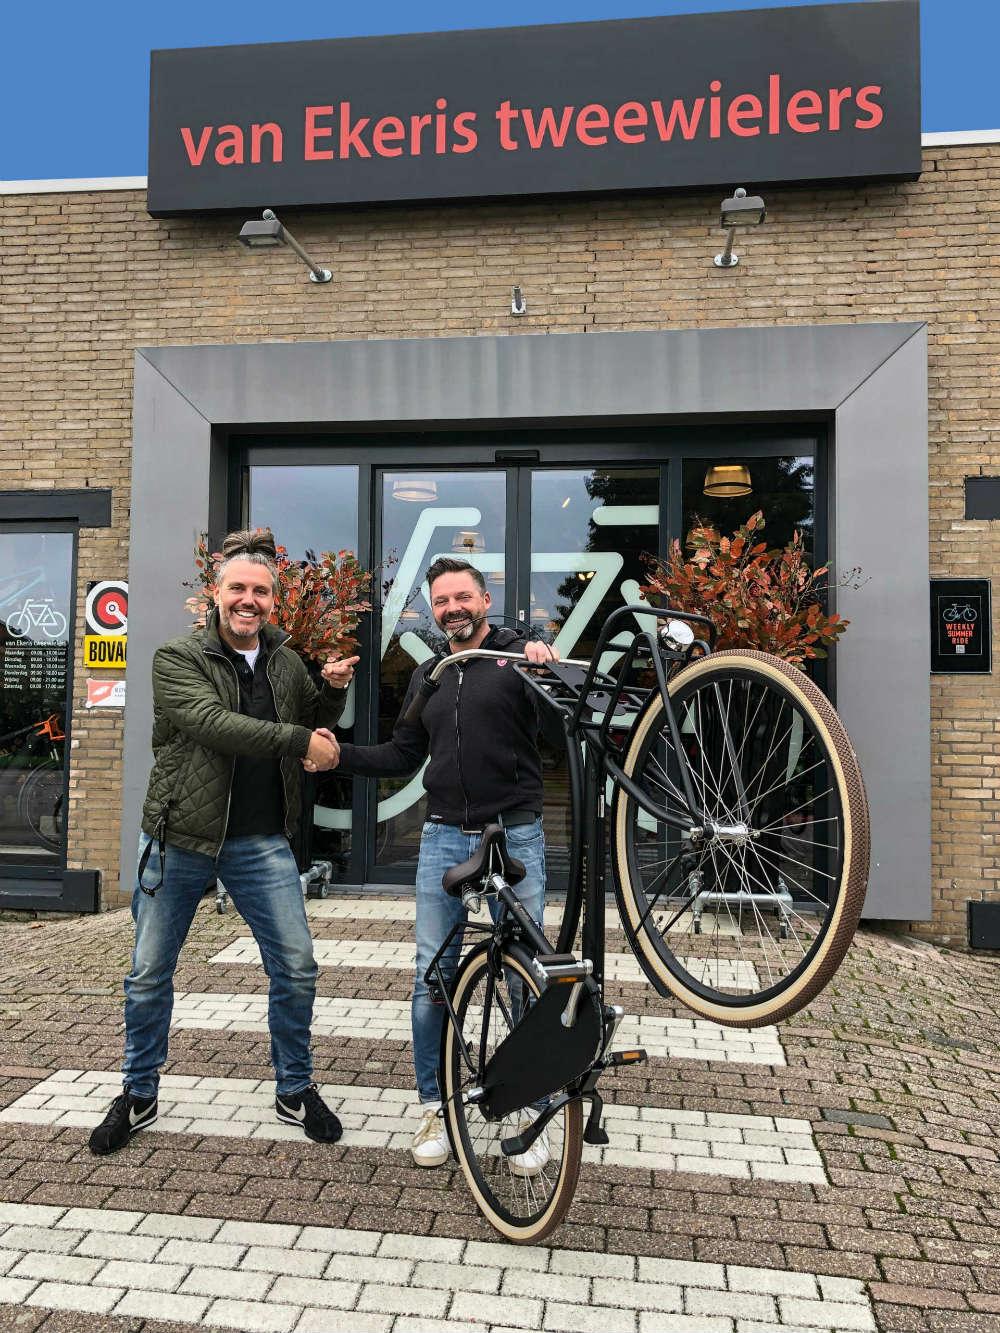 Edwin-van-Ekeris-tweewielers-Martin-Planken-Fotowedstrijd-IJsselstein-Topshelf-Media-ua